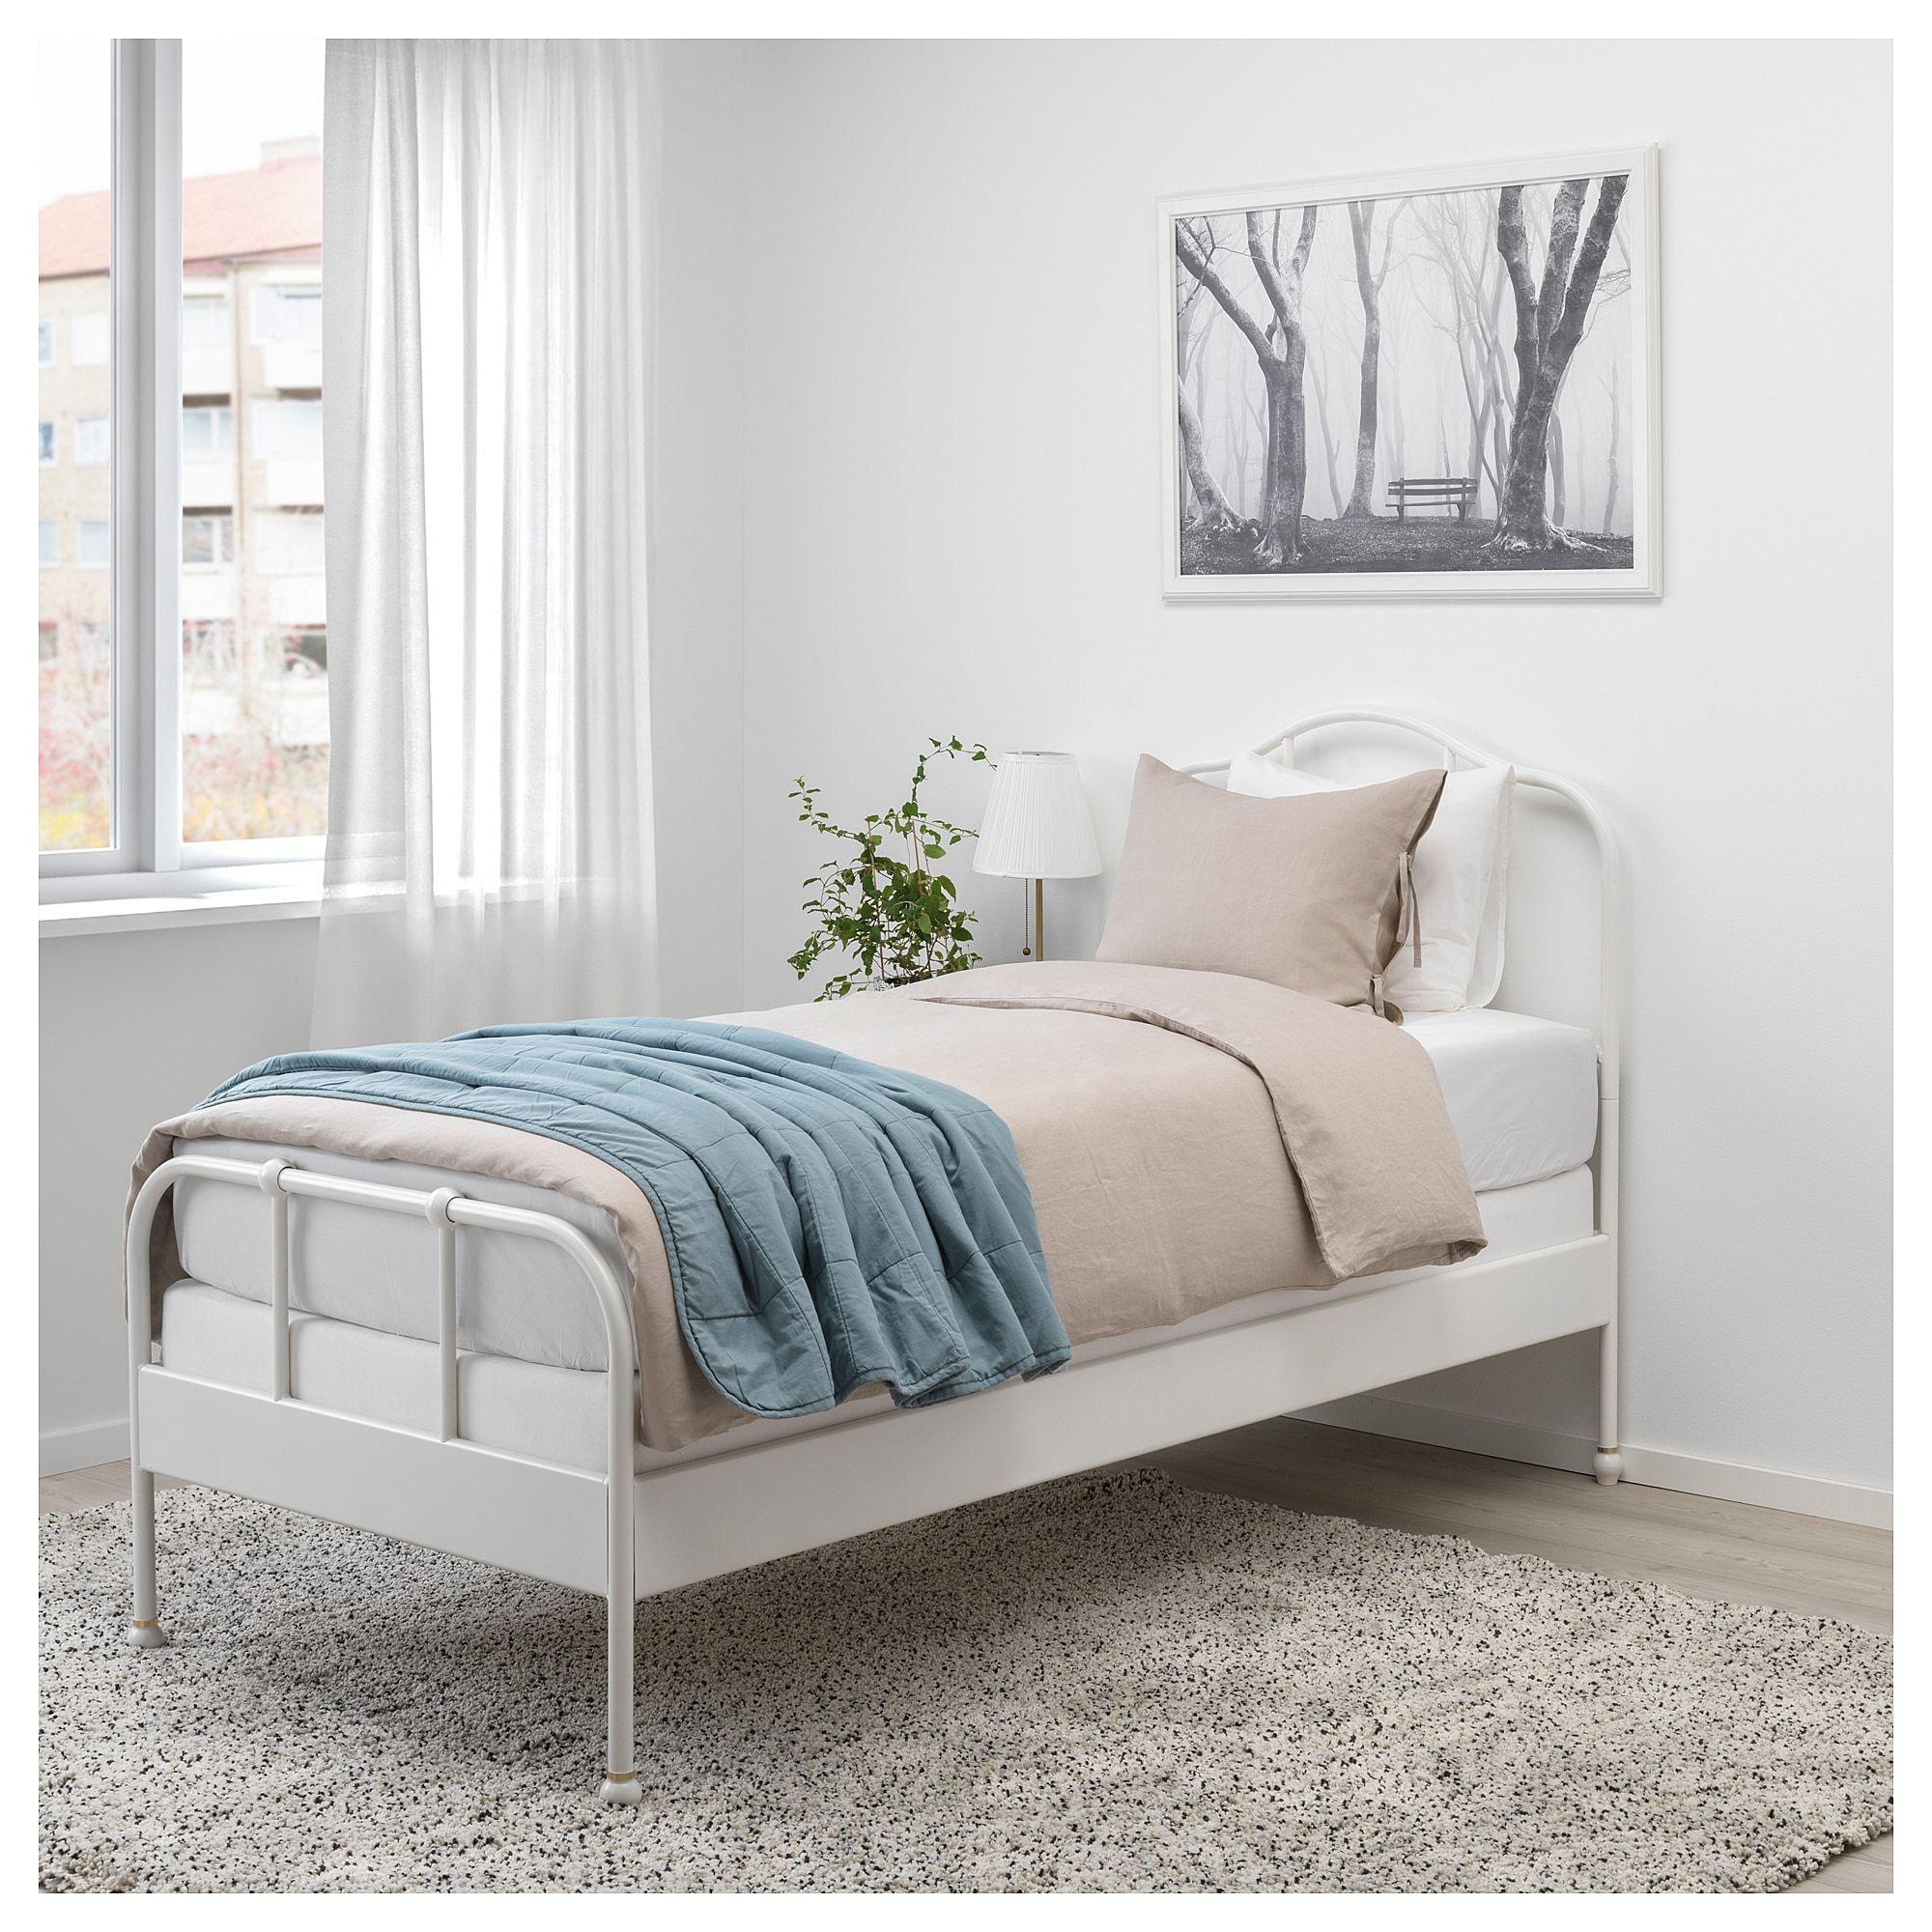 SAGSTUA Bed frame white, Espevär Twin Casas